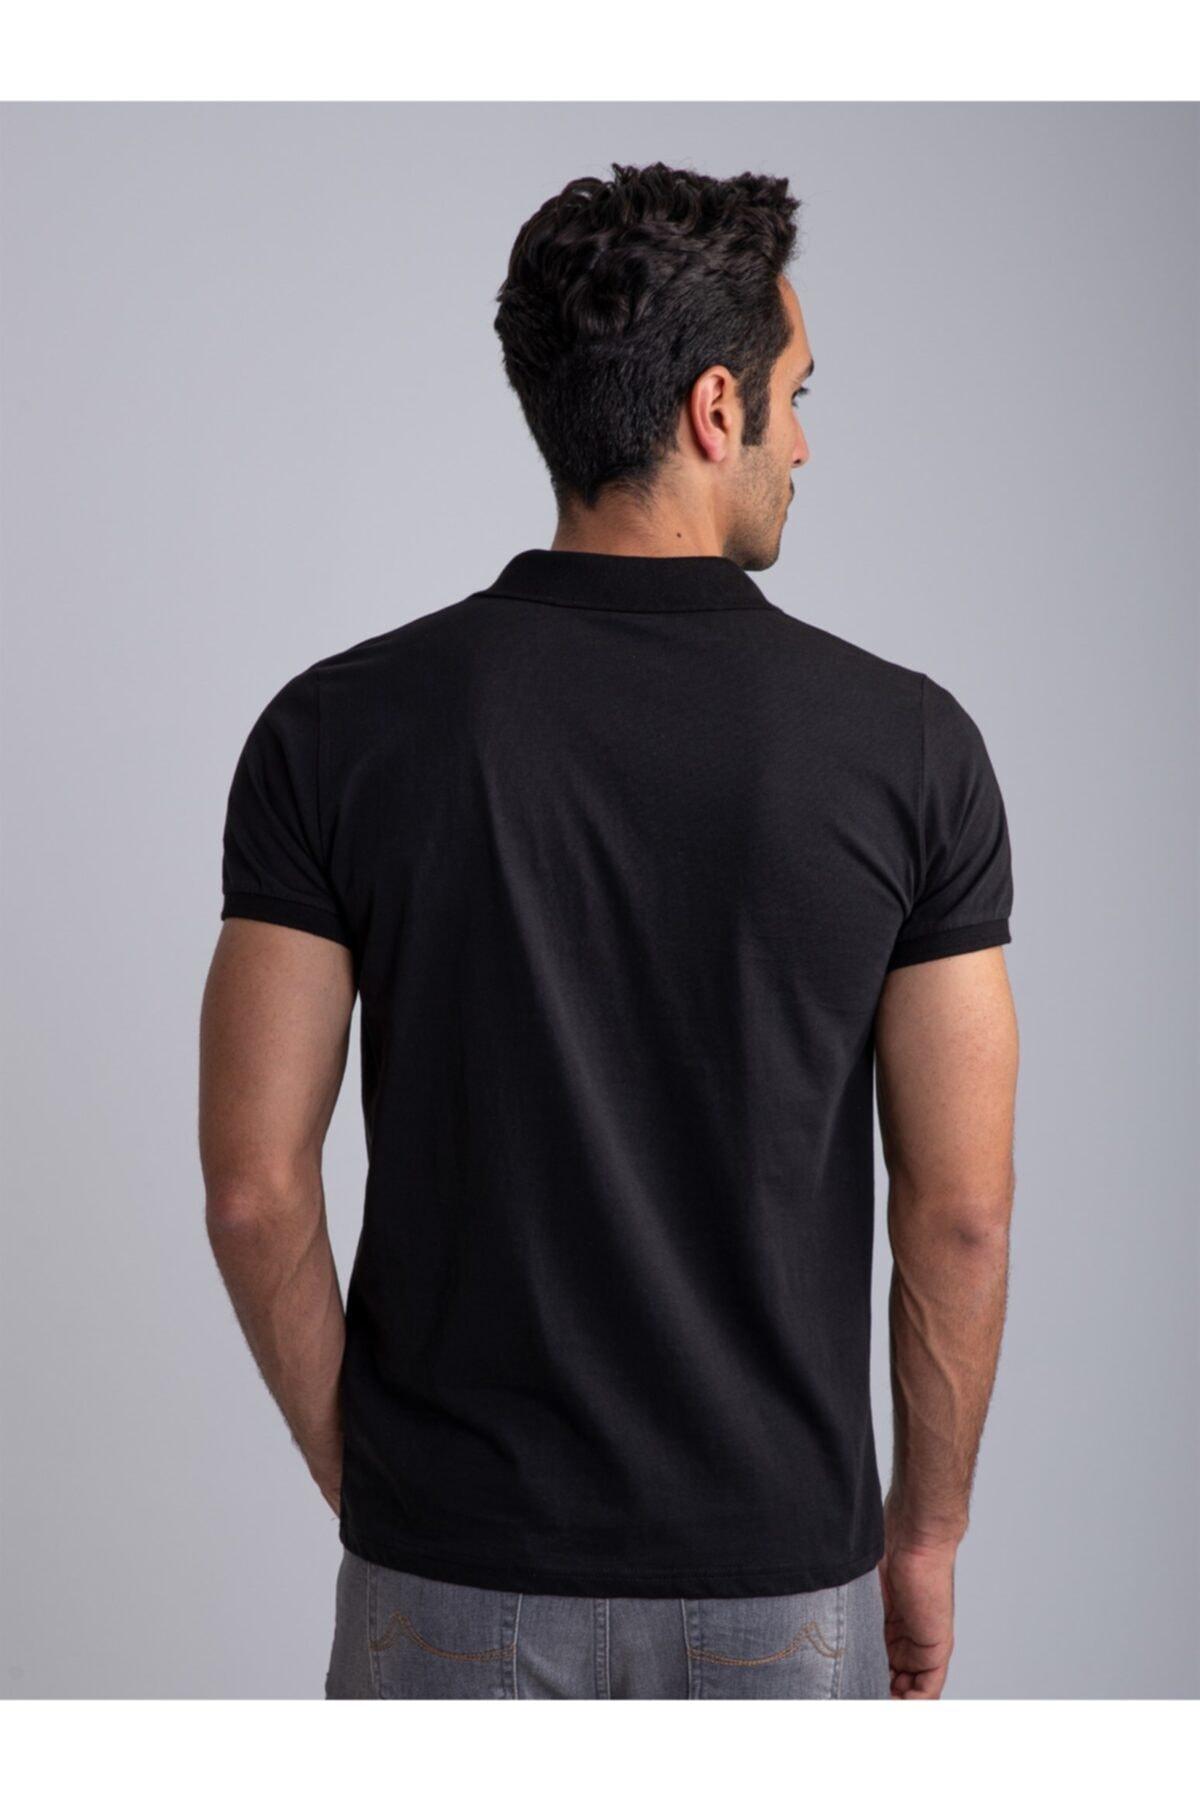 Dufy Siyah Polo Yaka Süprem Pamuklu Düz Erkek T-shırt - Slım Fıt 2